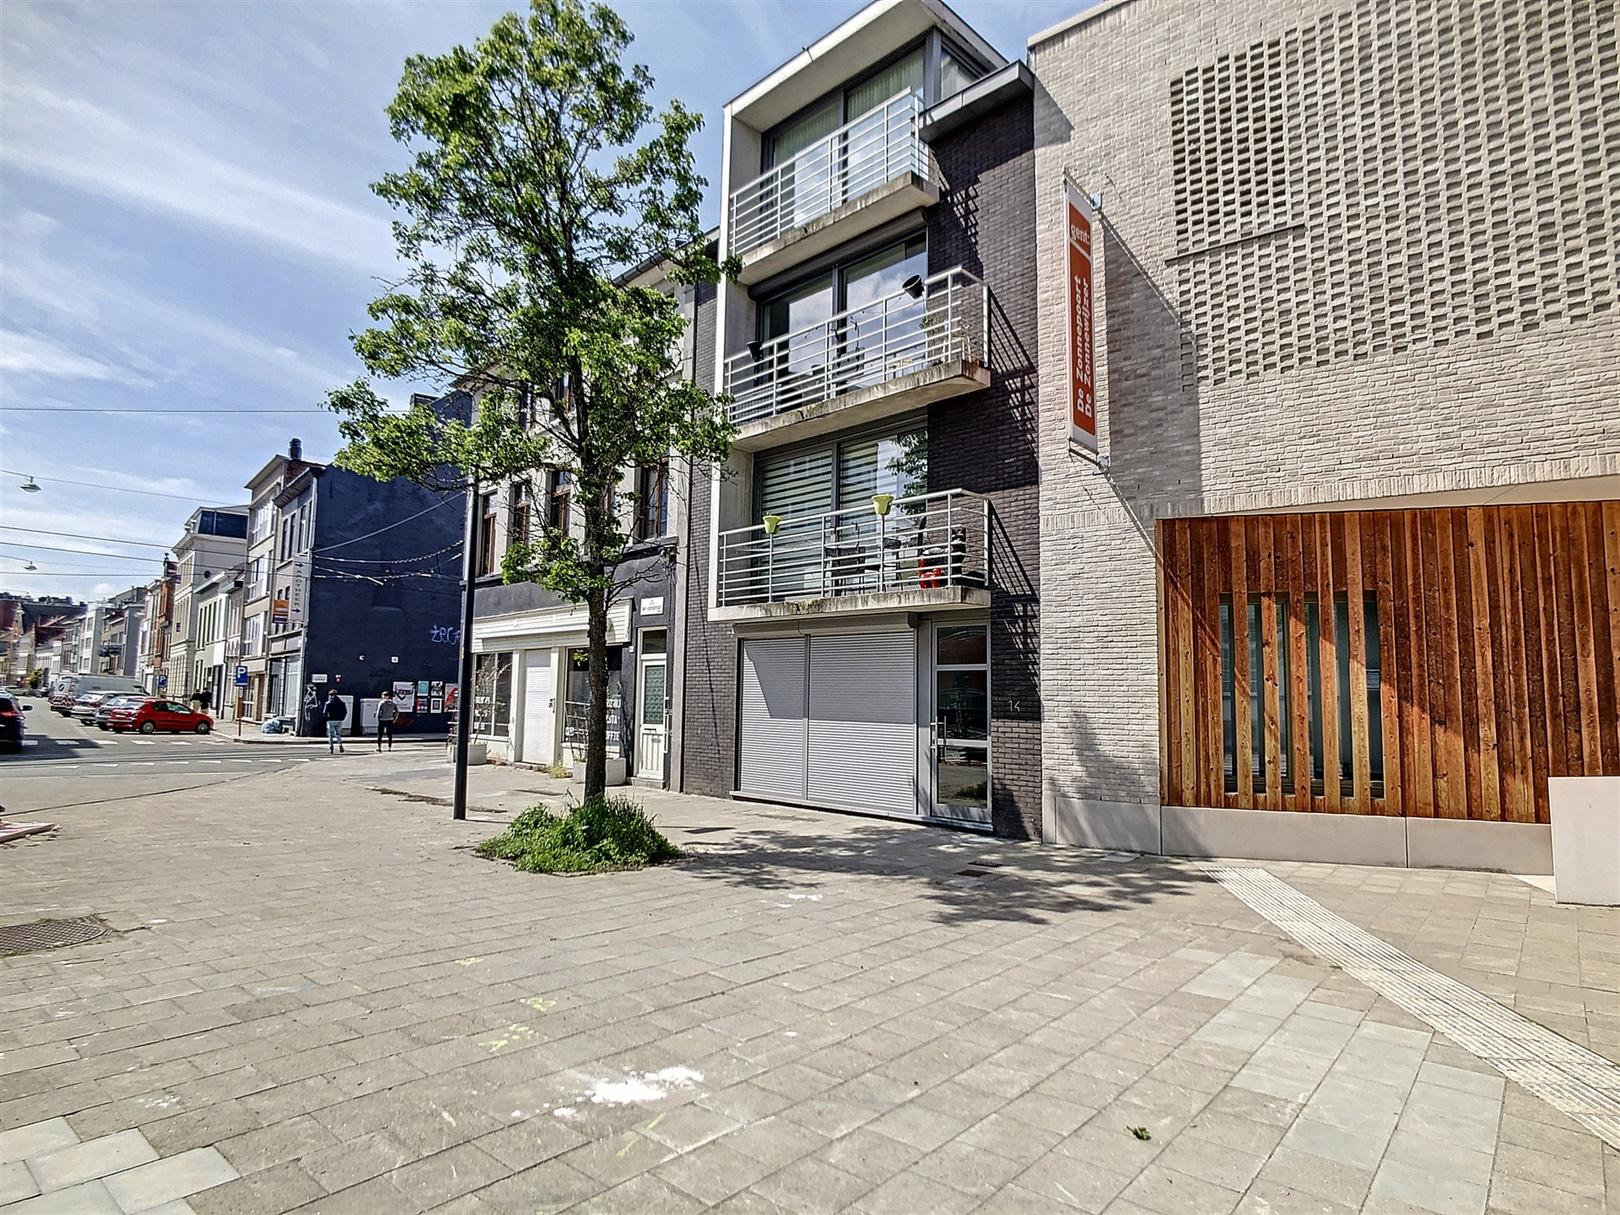 Appartement met zonnig stadsterras en 2 slaapkamers